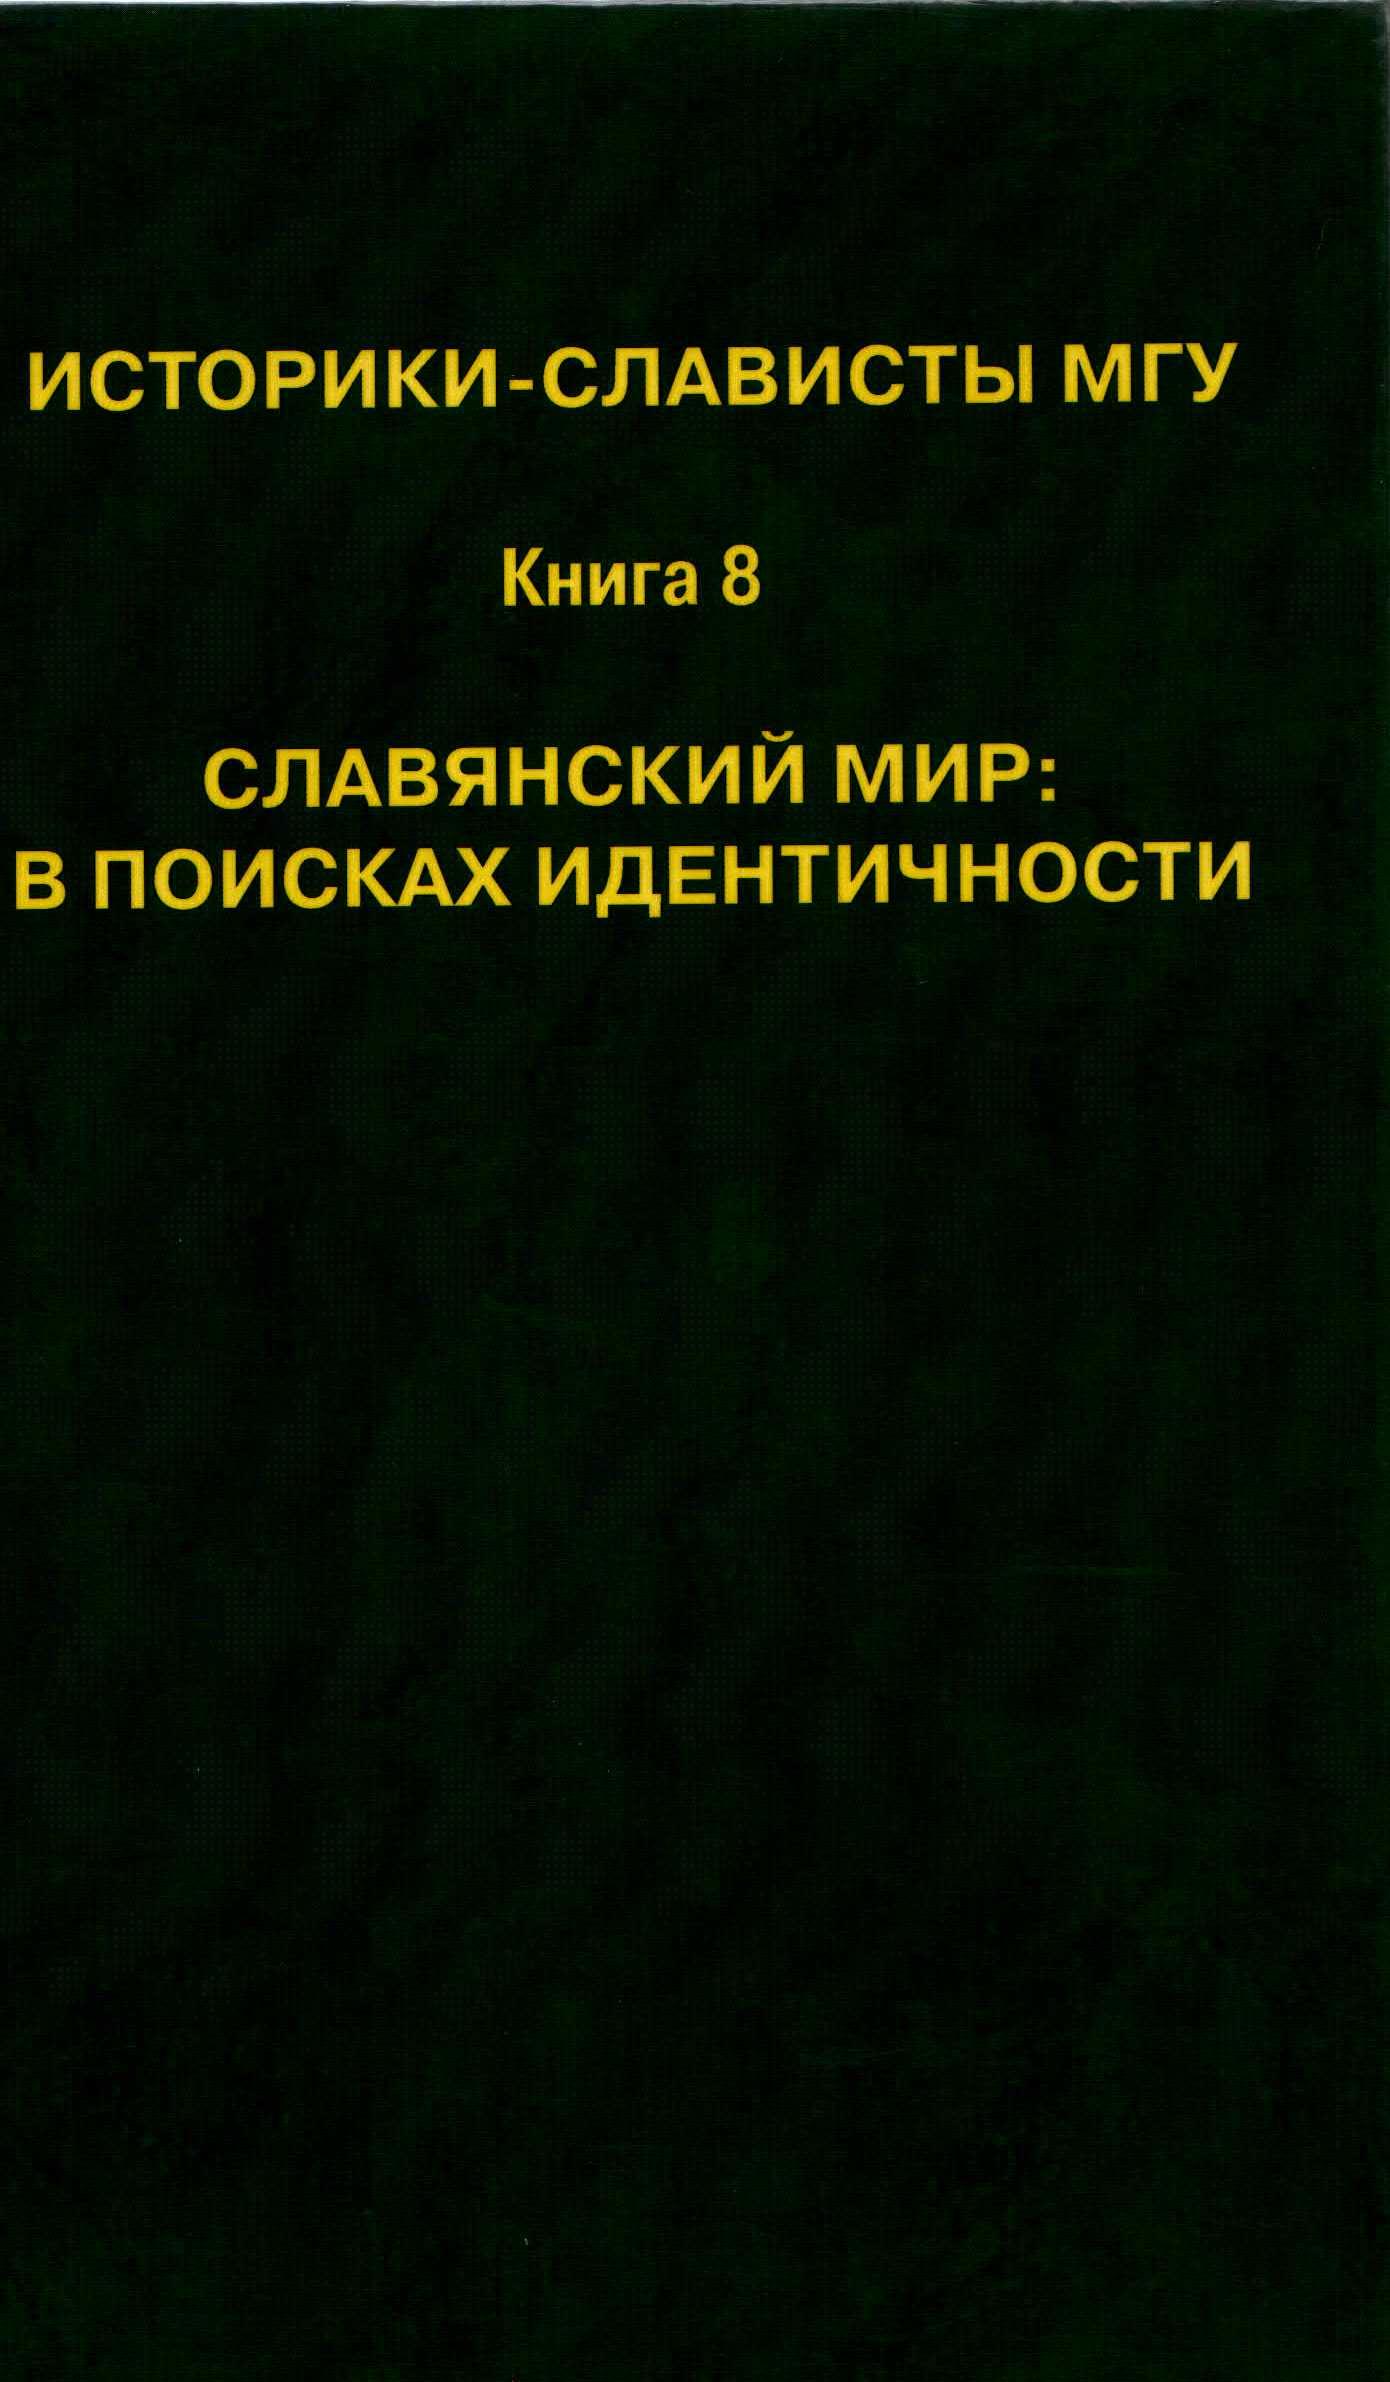 Западнорусизм в мире идентичностей межславянского пограничья. Историографические наблюдения